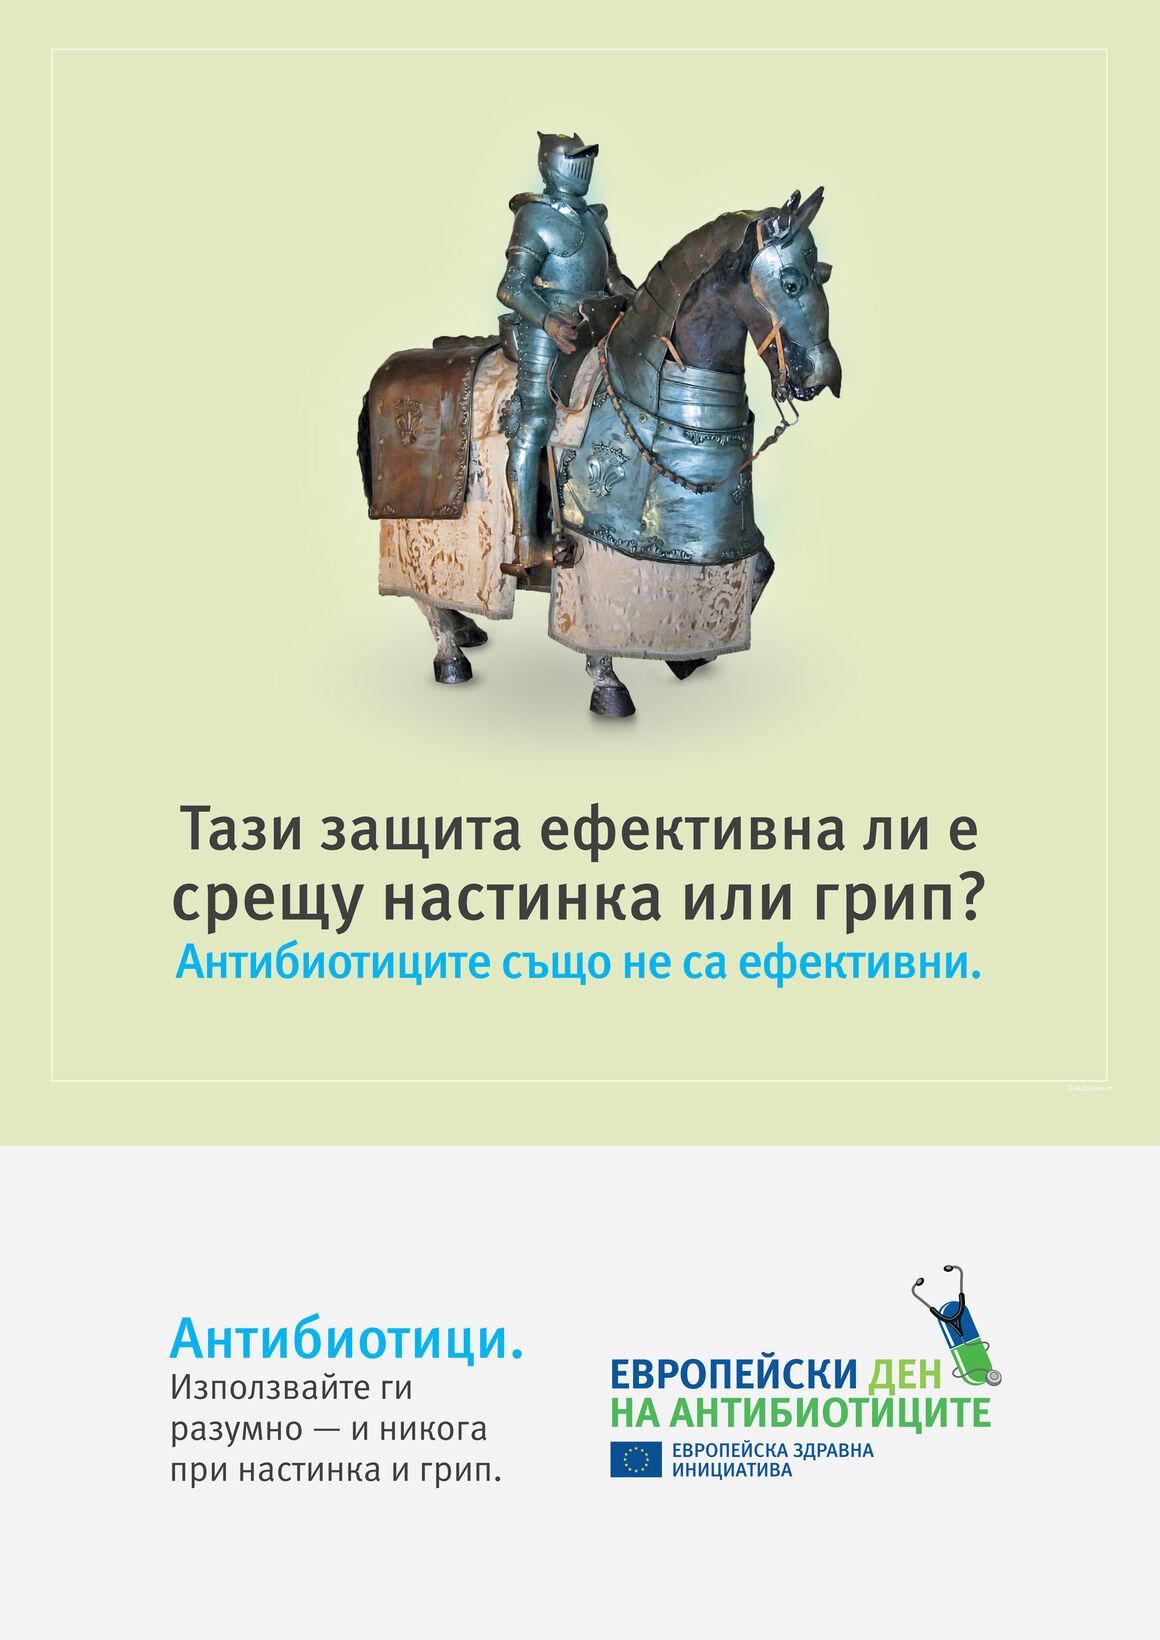 Плакати: Тази защита ефективна ли е срещу настинка или грип? Антибиотиците също не са ефективни.